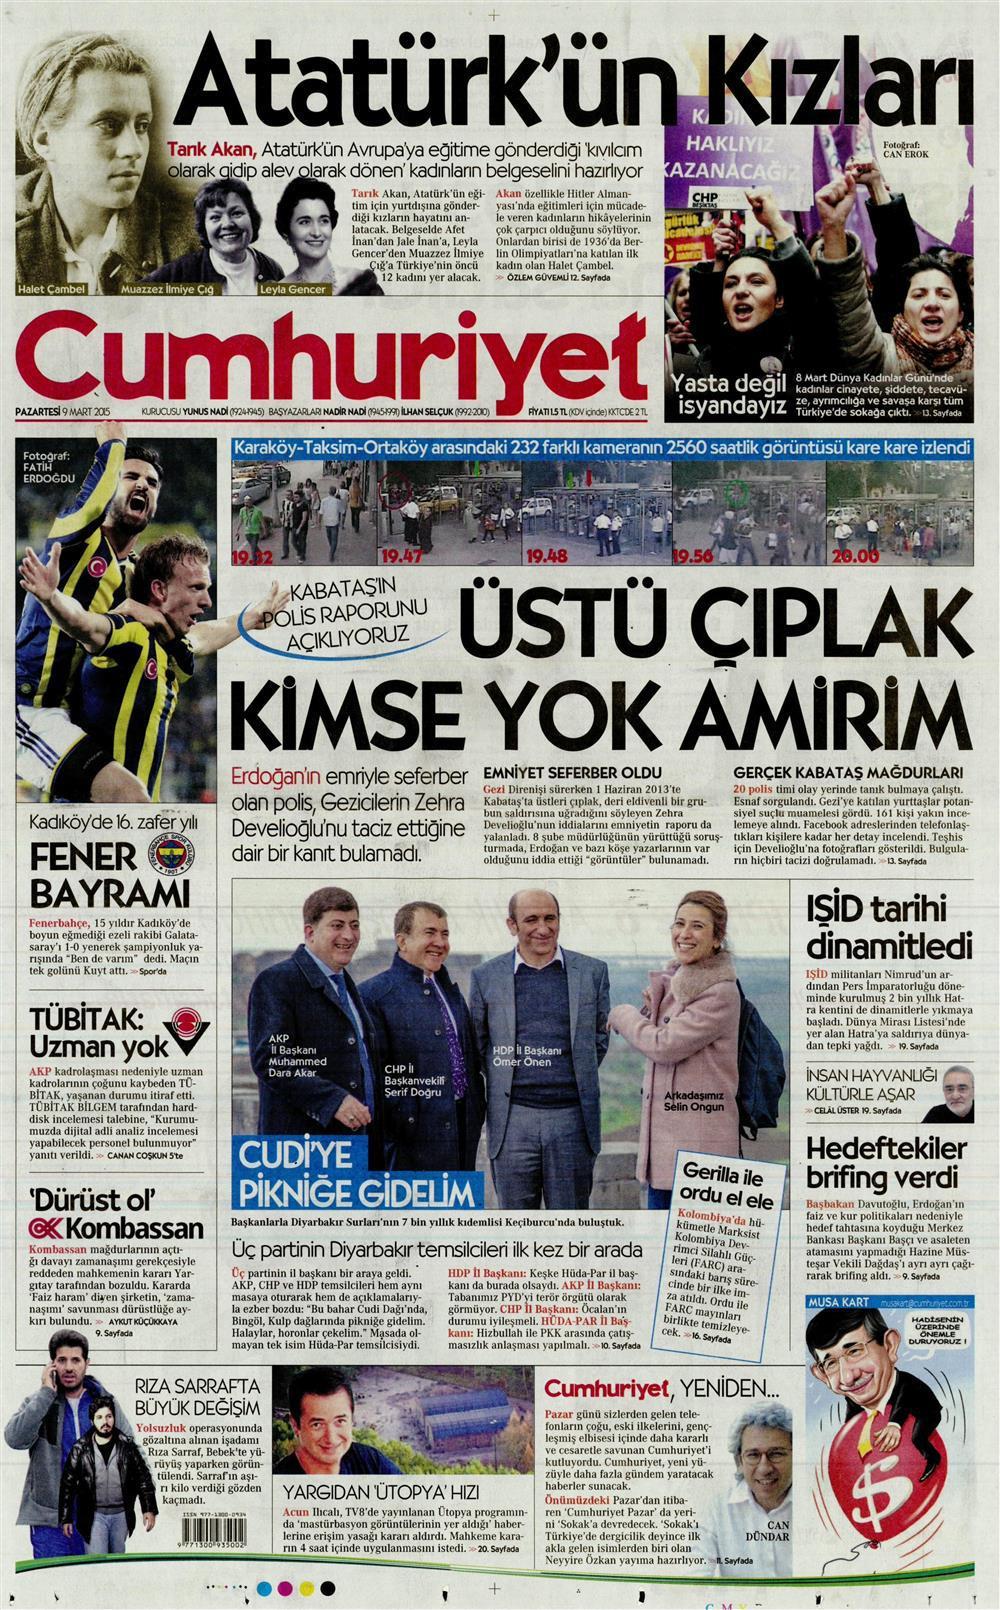 Cumhuriyet'in Kabataş iddialarıyla ilgili polis raporunu yayımladığı manşeti